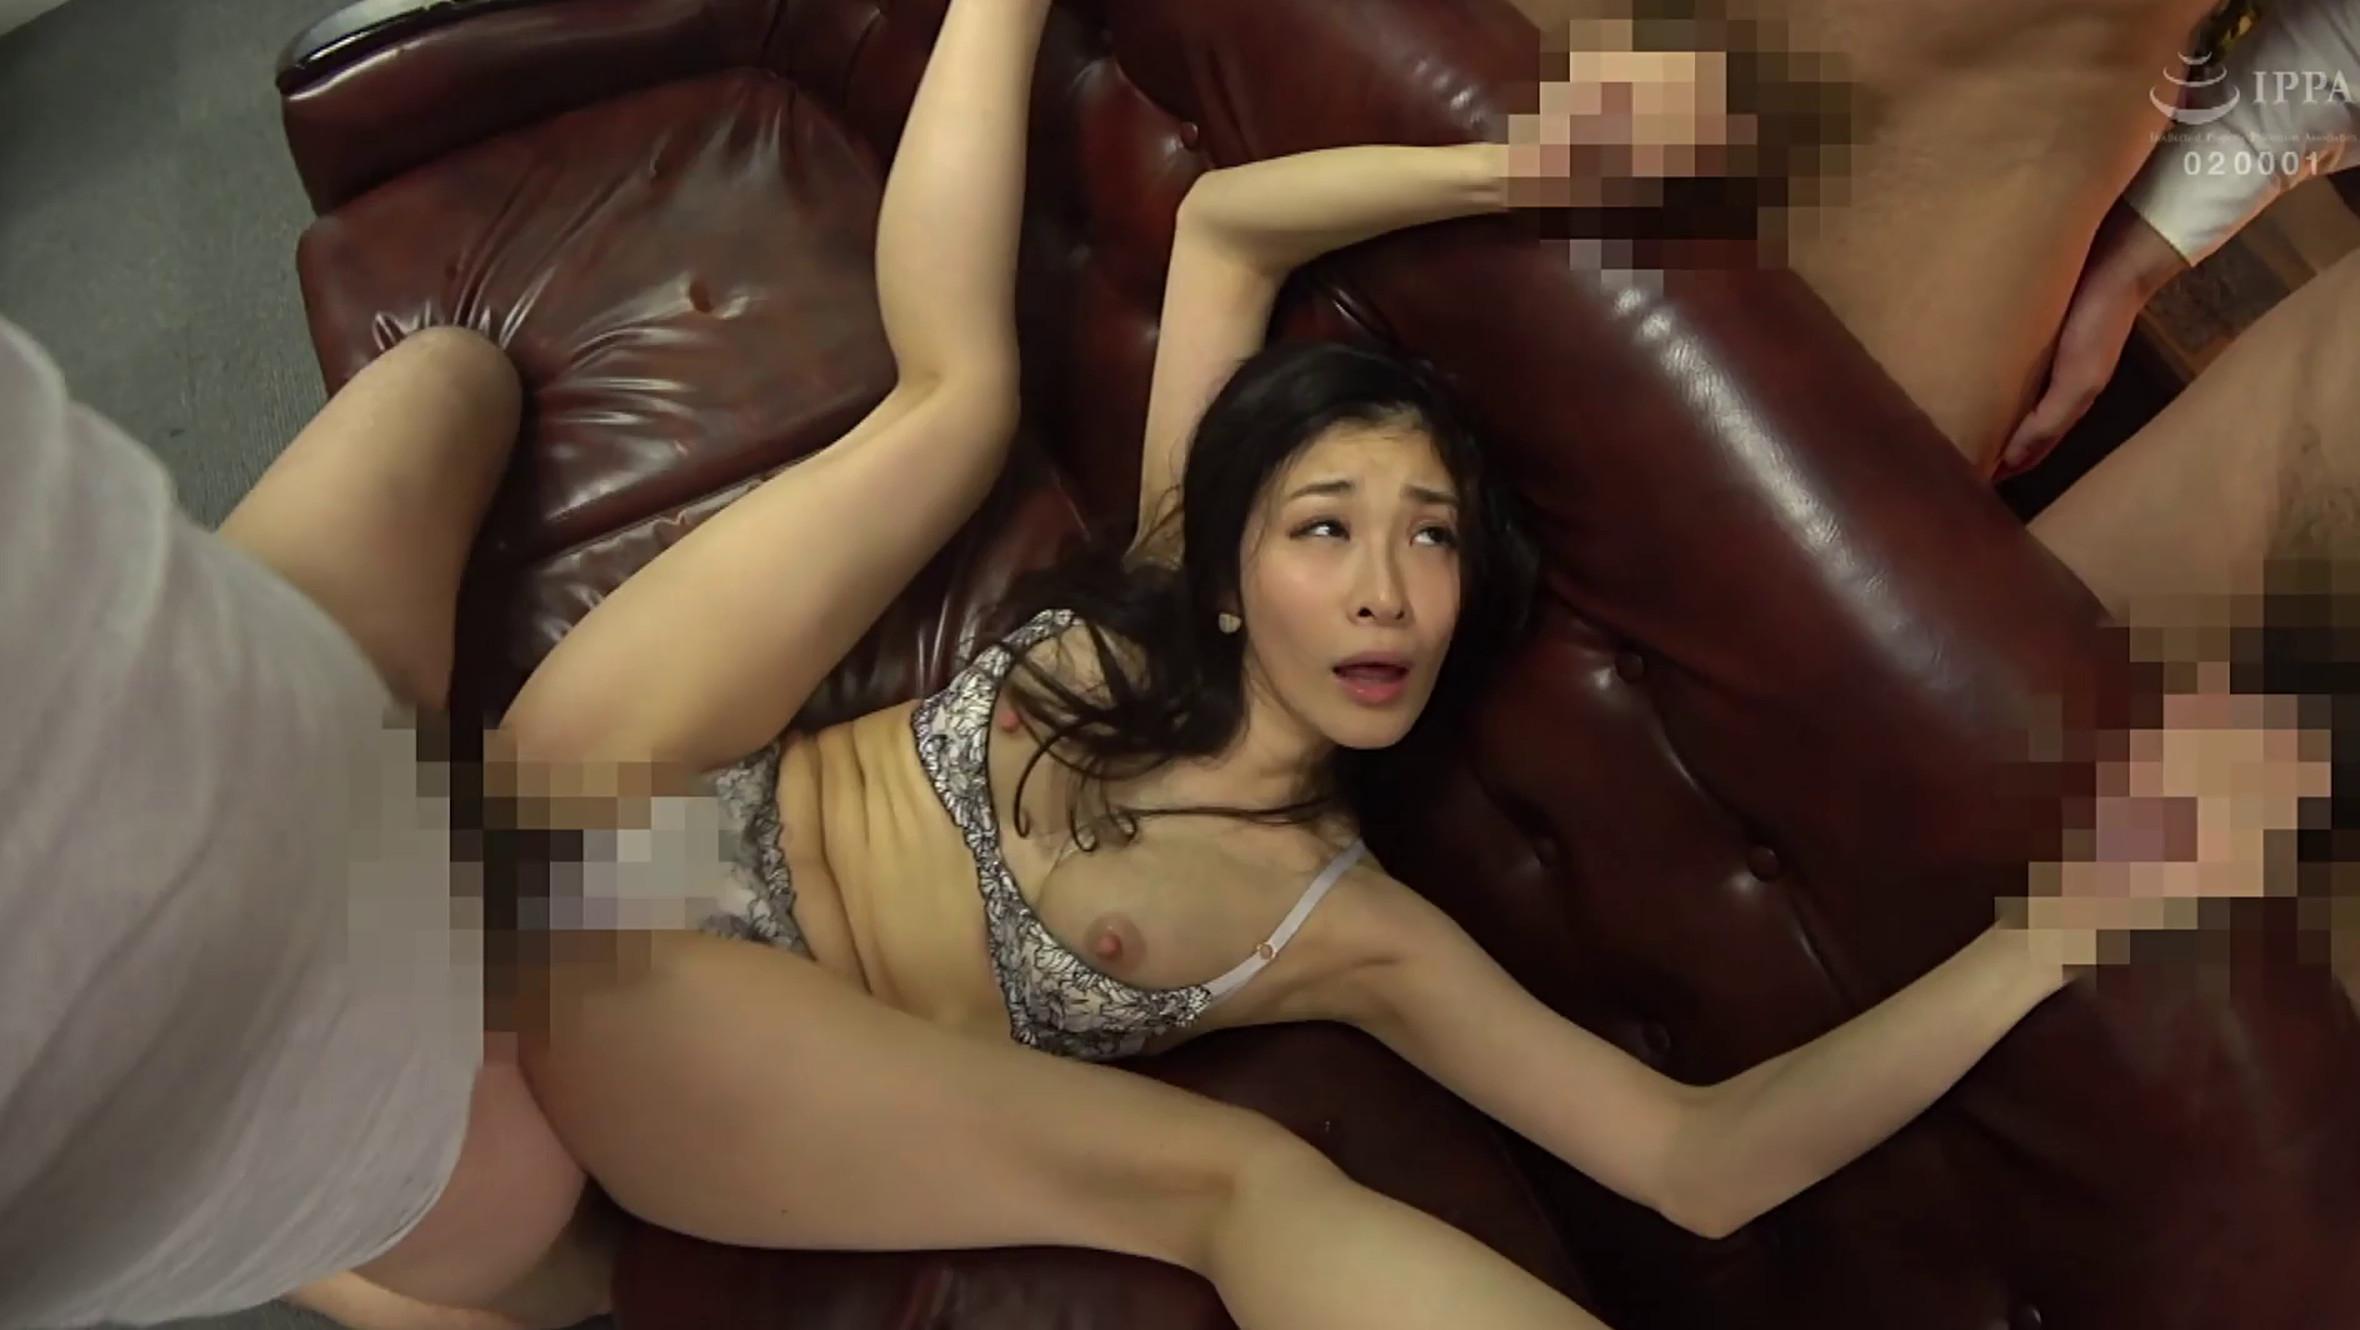 米倉穂香さんがソファで正常位でSEXしながら2本のチンポを手コキしているシーン